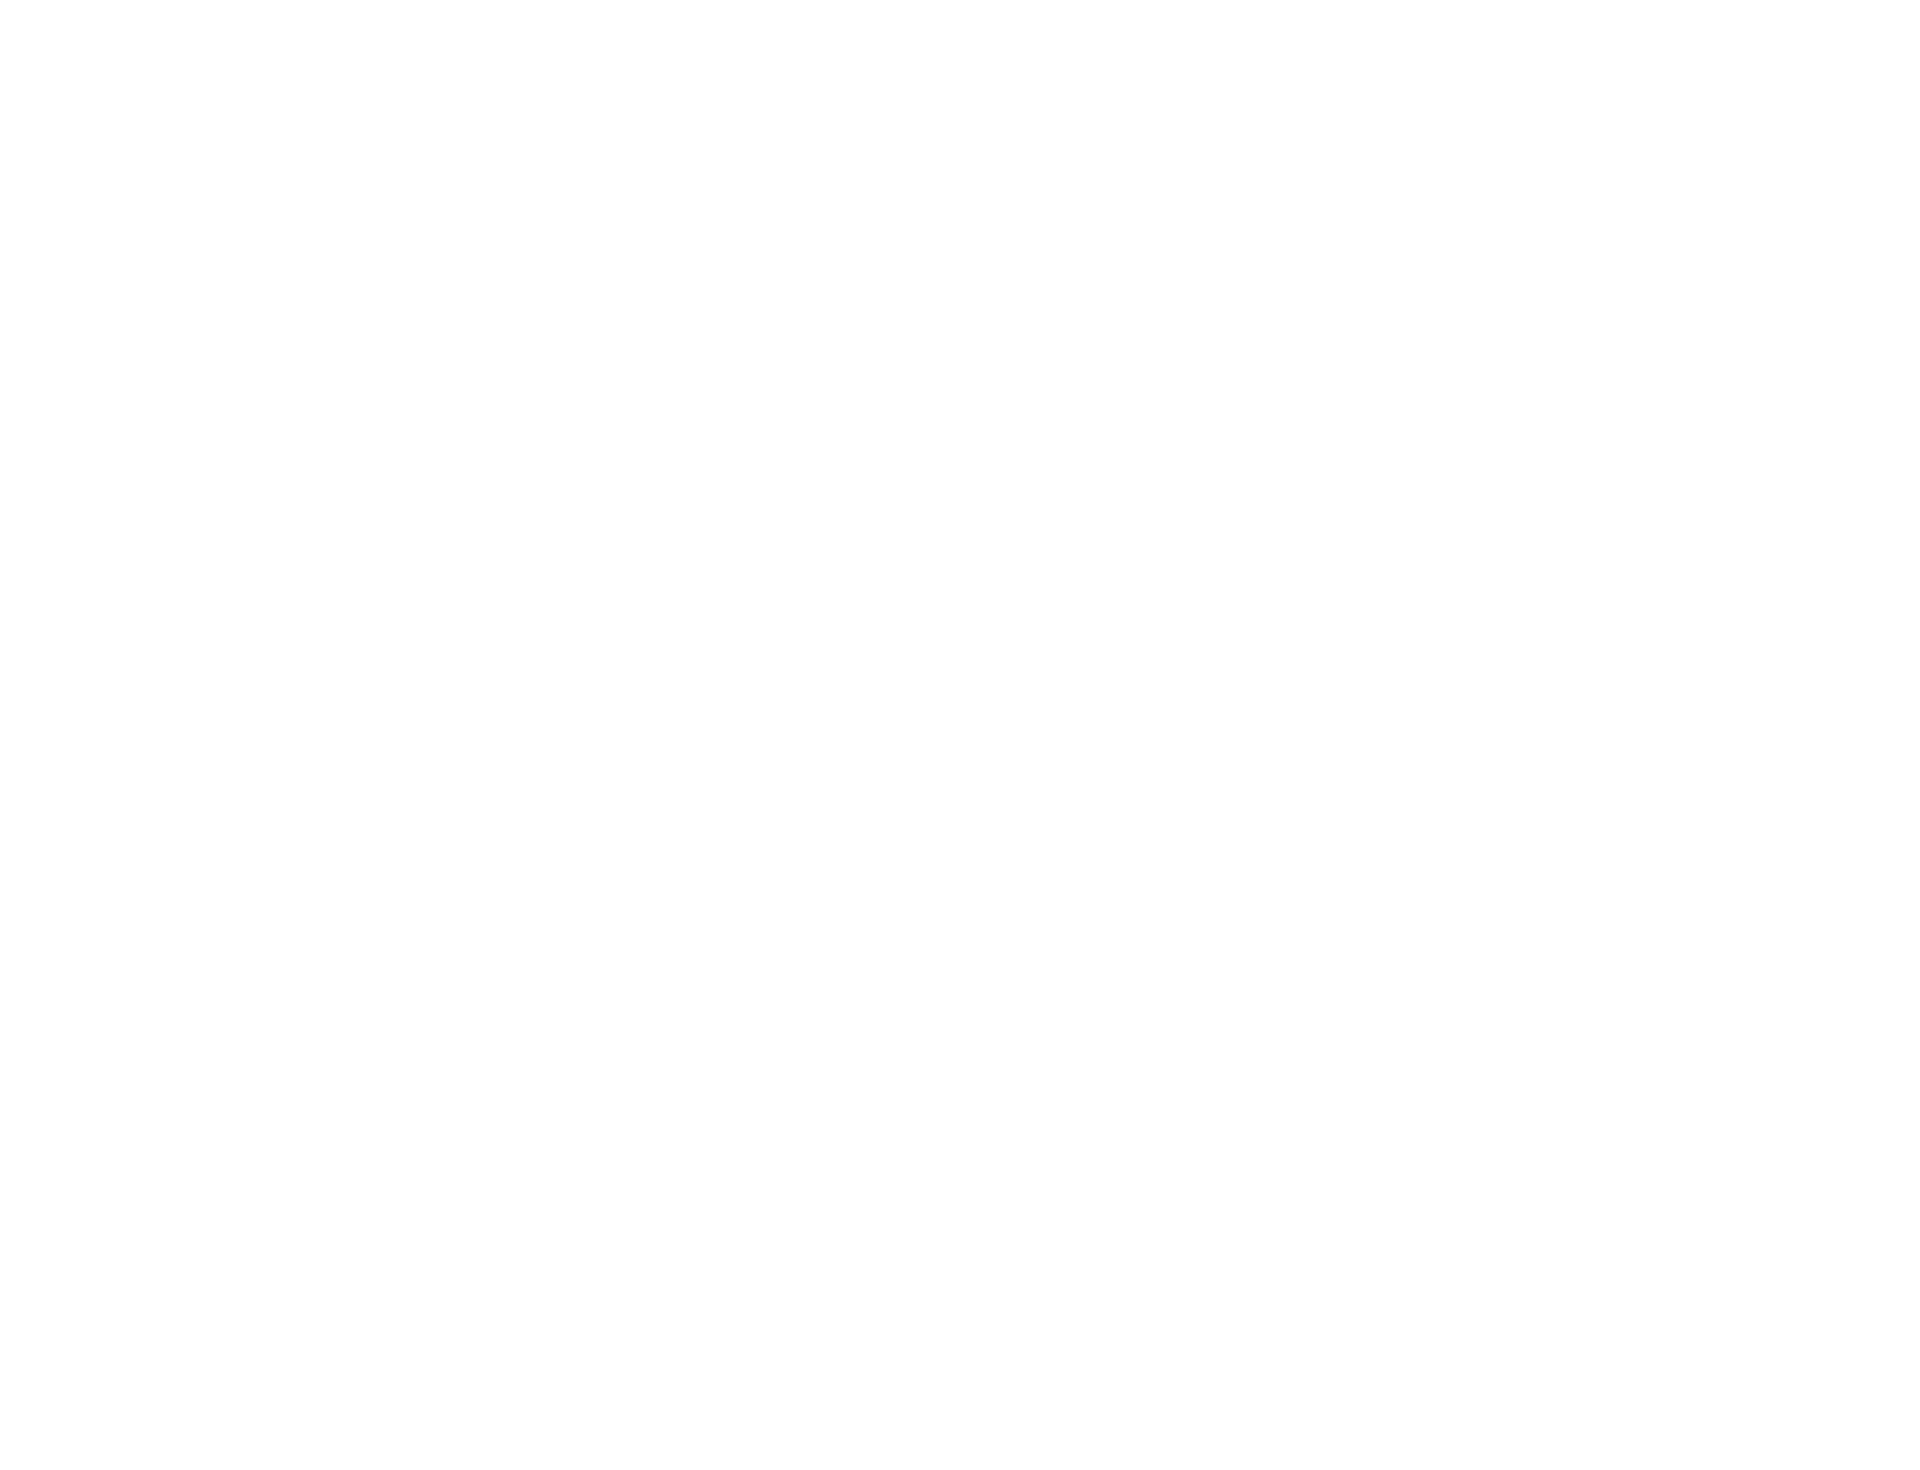 DreiLänderEckFischen, 2018, LAF Projektraum, Pforzheim (D)